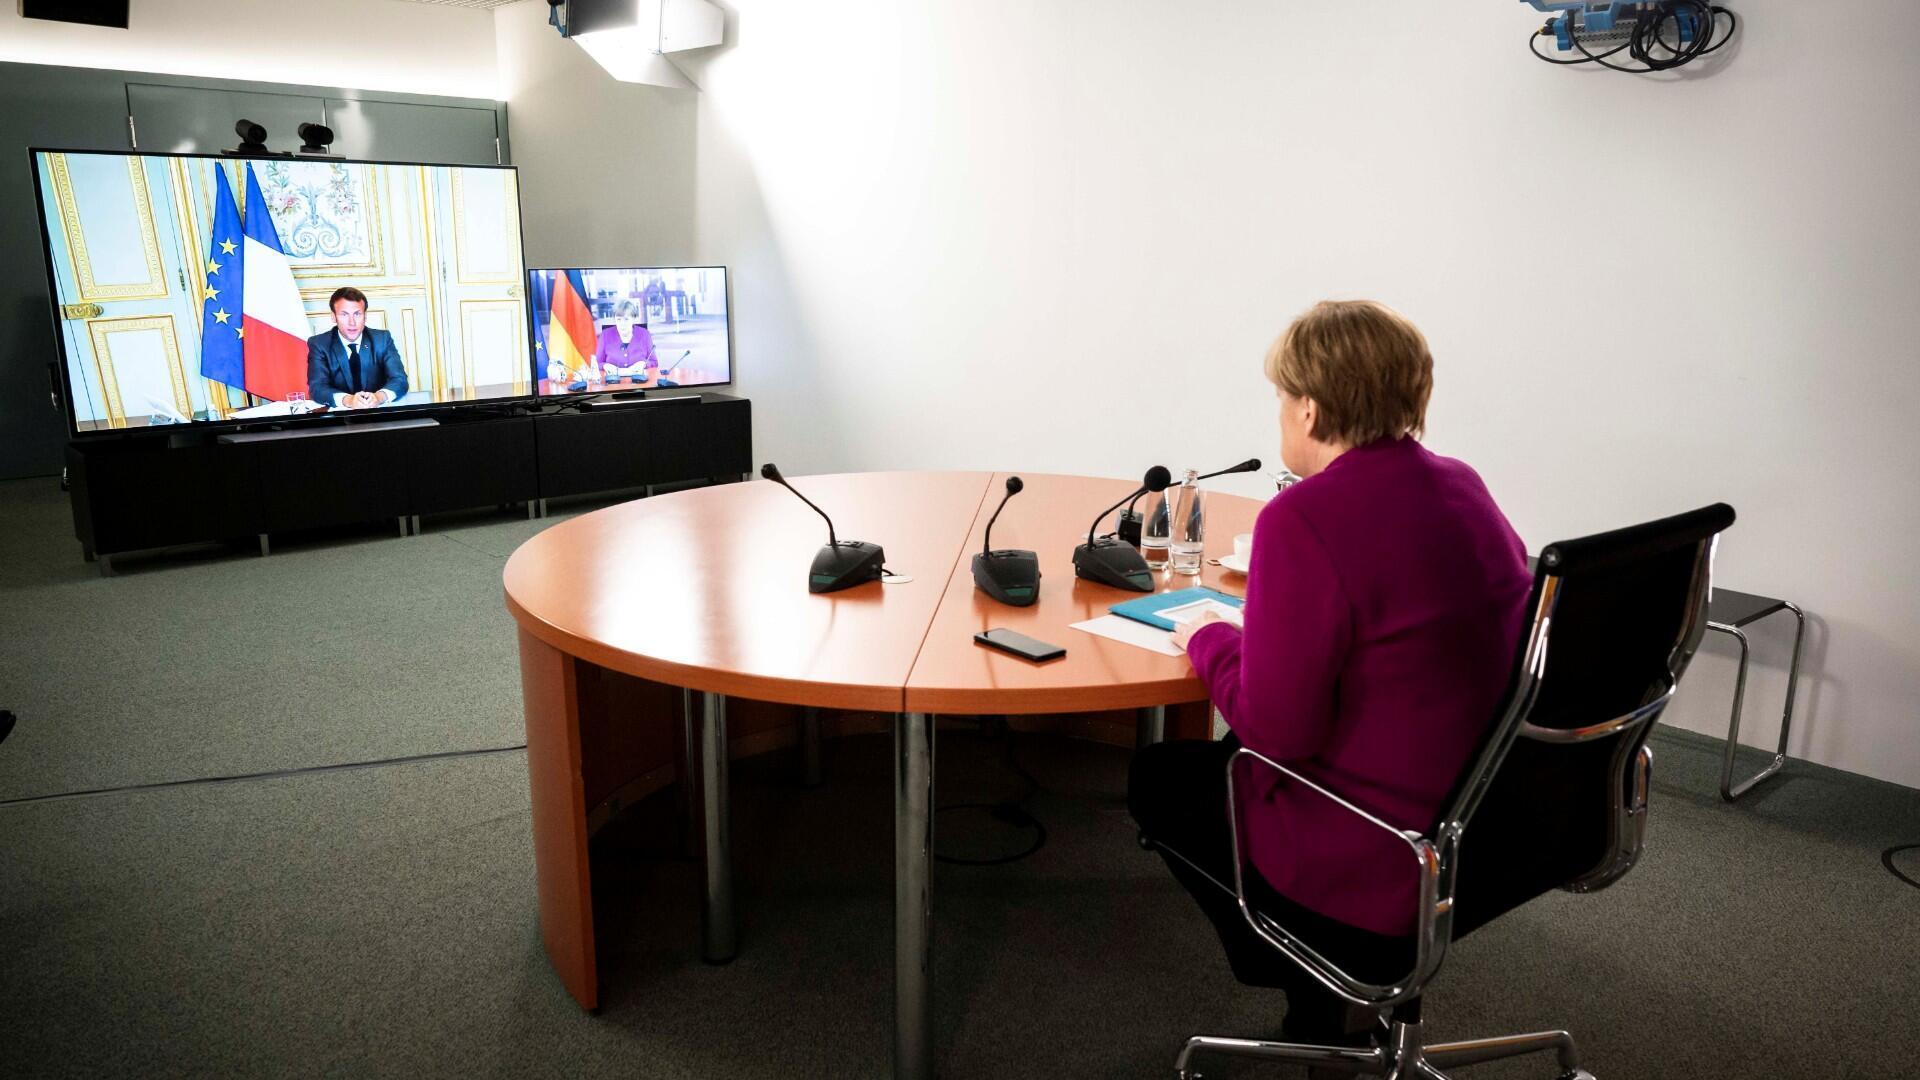 La canciller alemana, Ángela Merkel, habla con el presidente francés, Emmanuel Macron, durante una videoconferencia conjunta en la cancillería en Berlín, Alemania, el 18 de mayo de 2020.